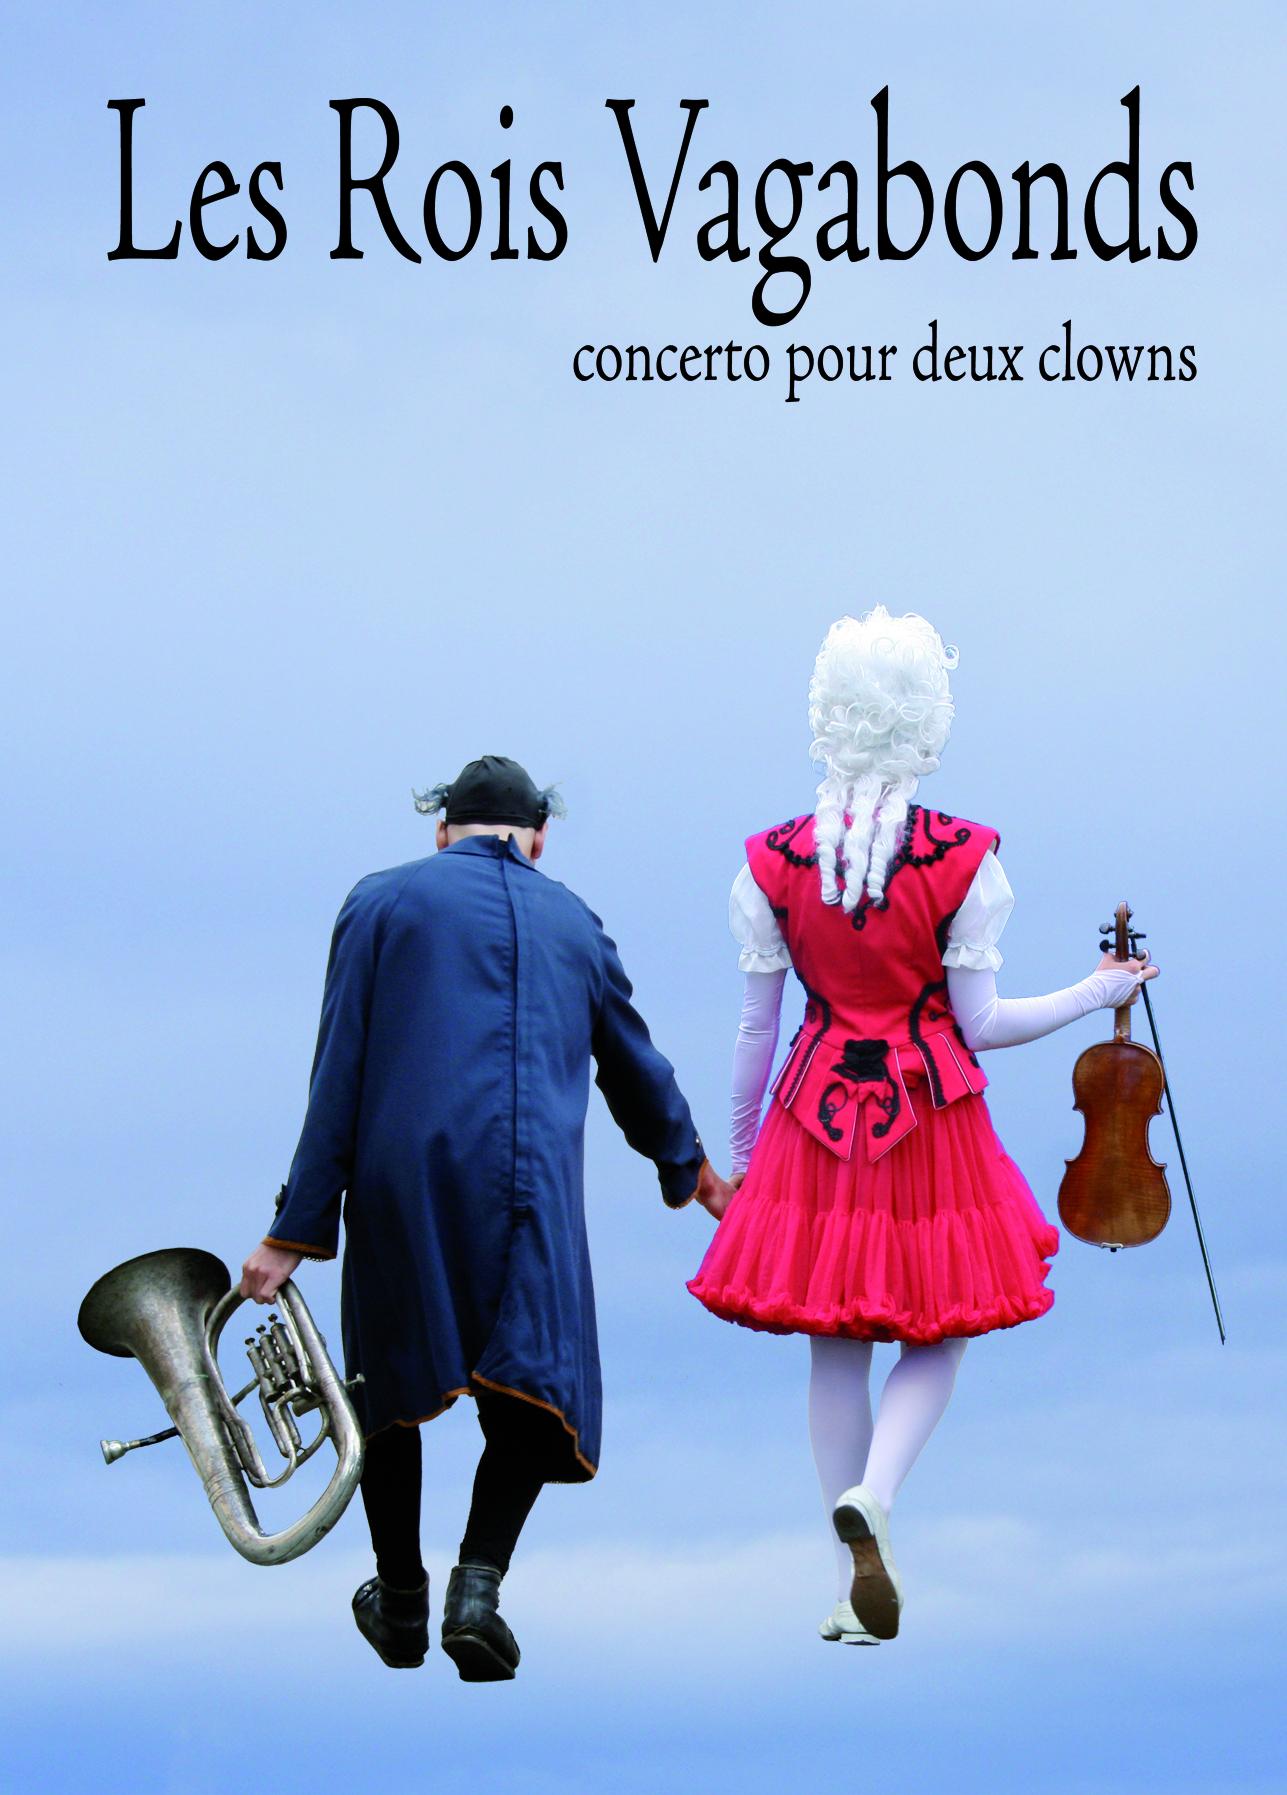 Affiche - Concerto pour deux clowns